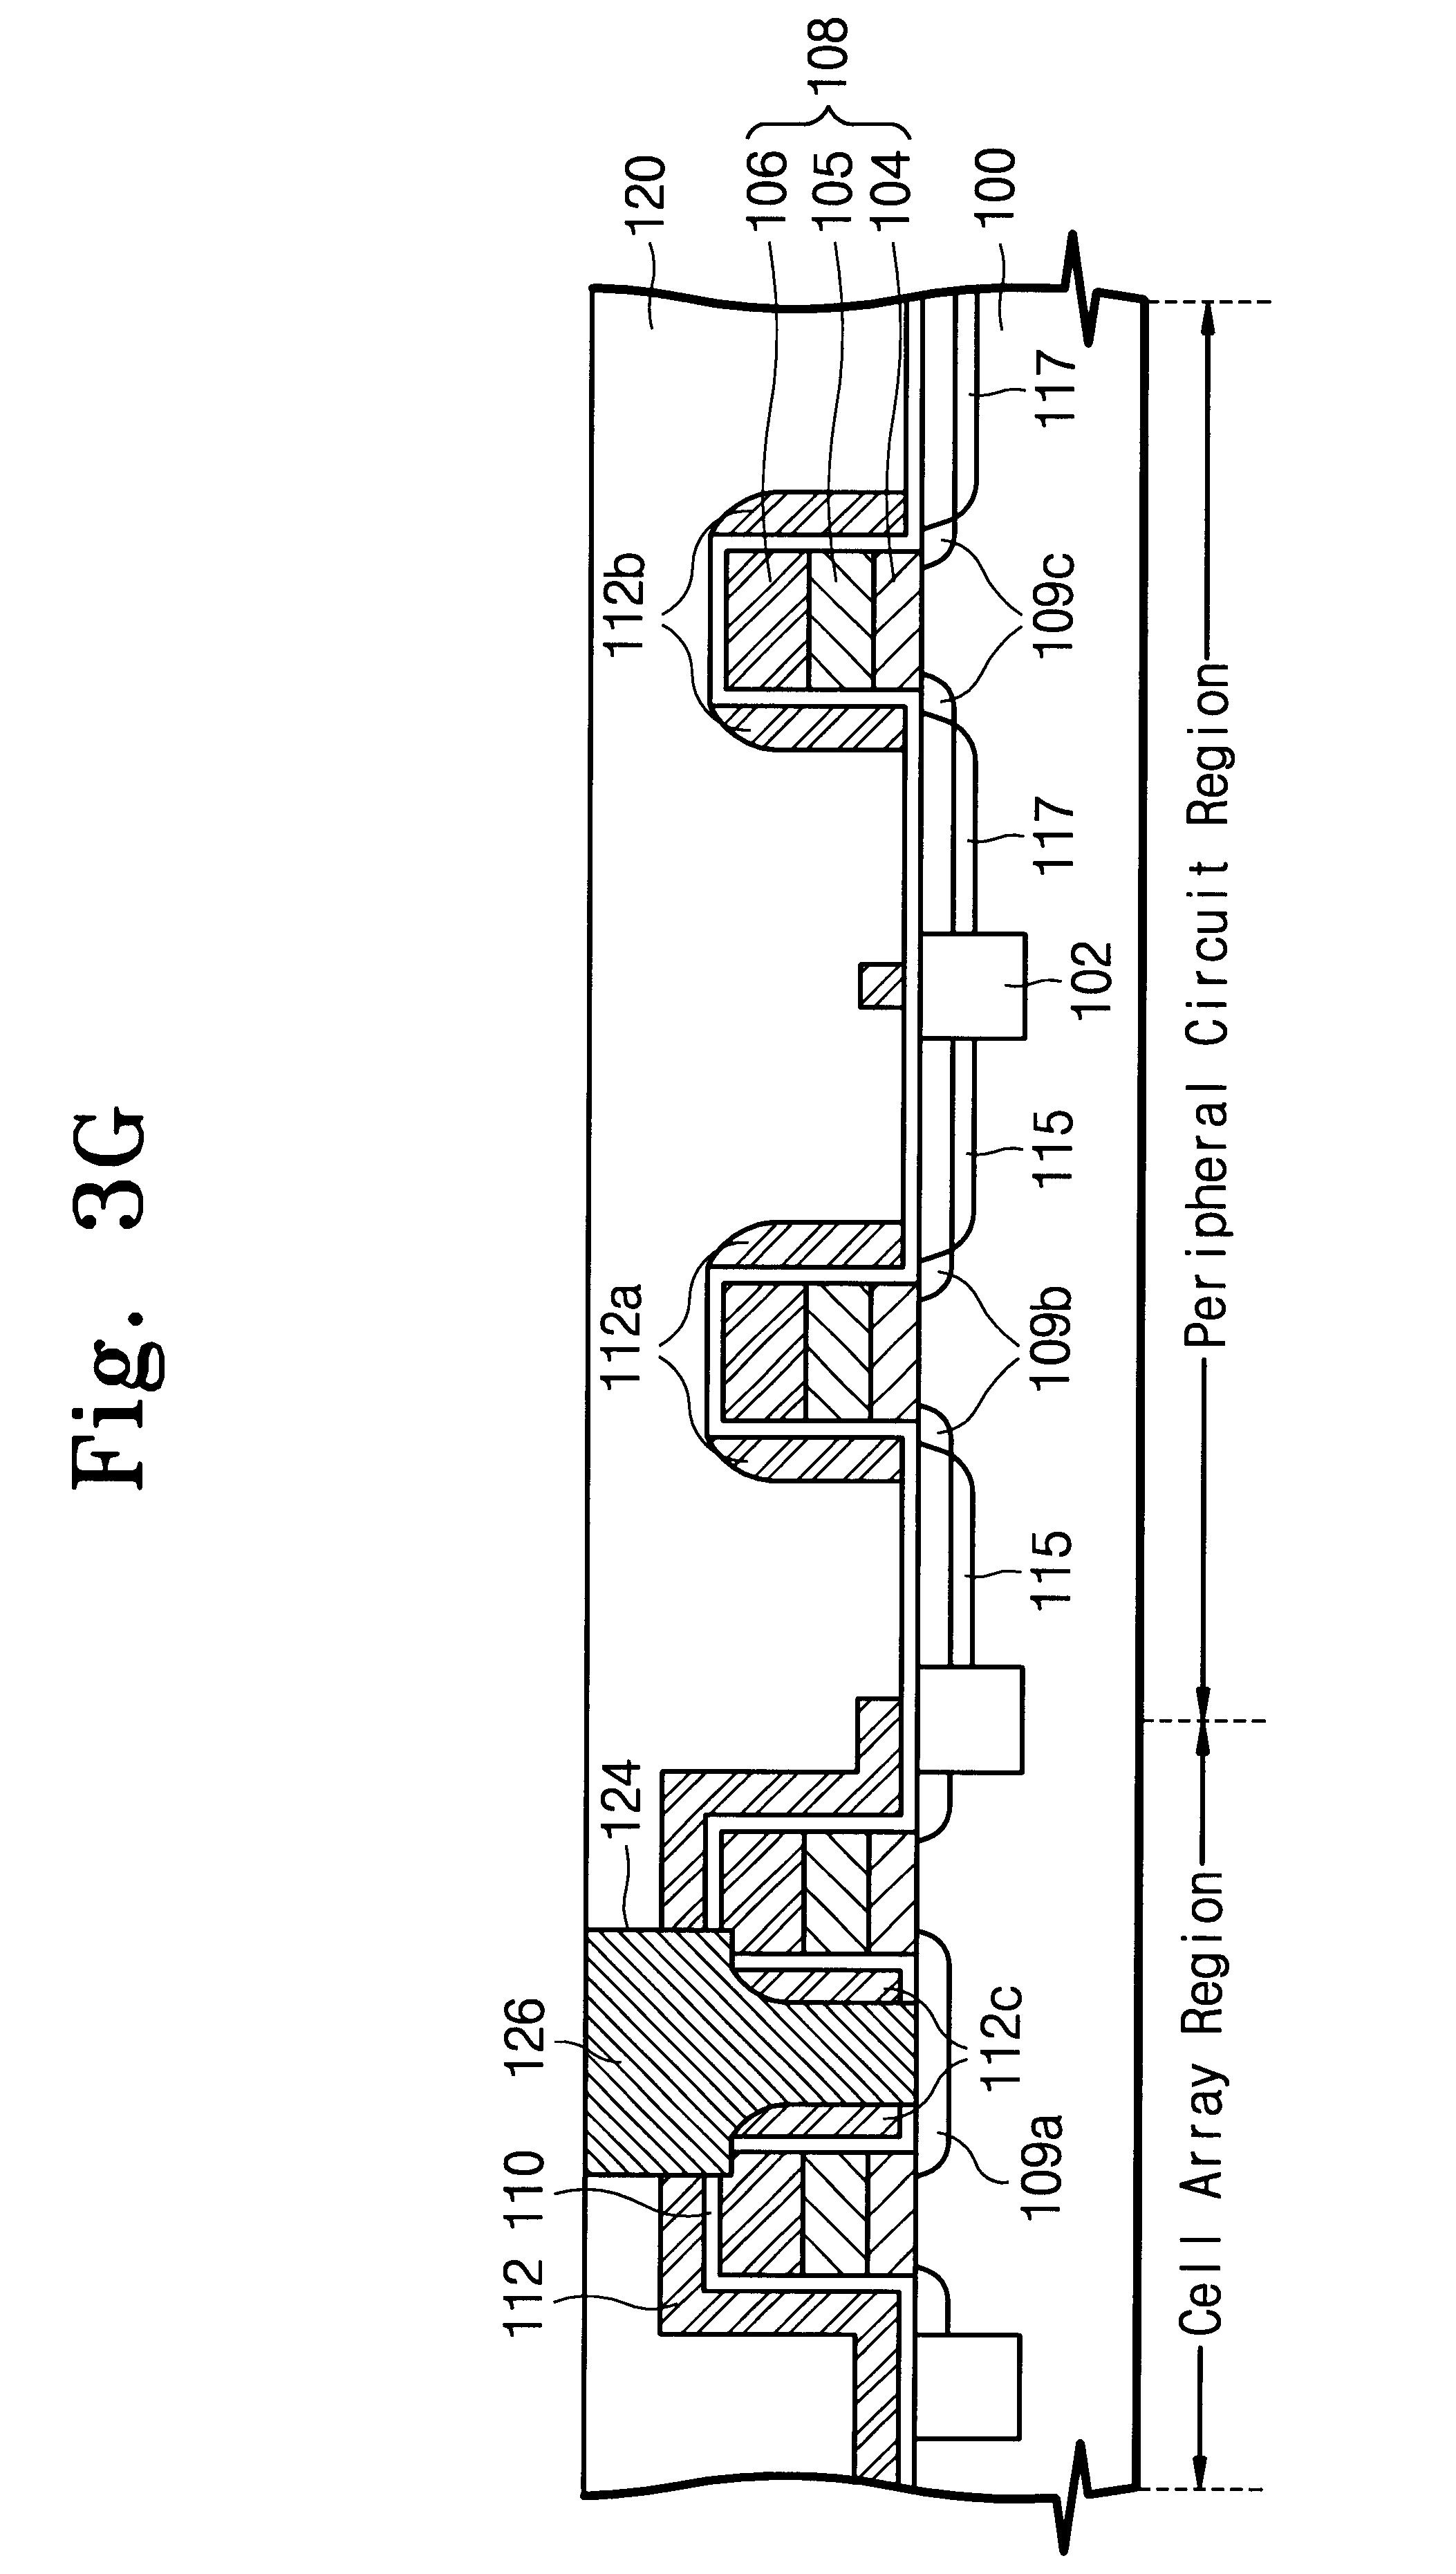 patent us6326270